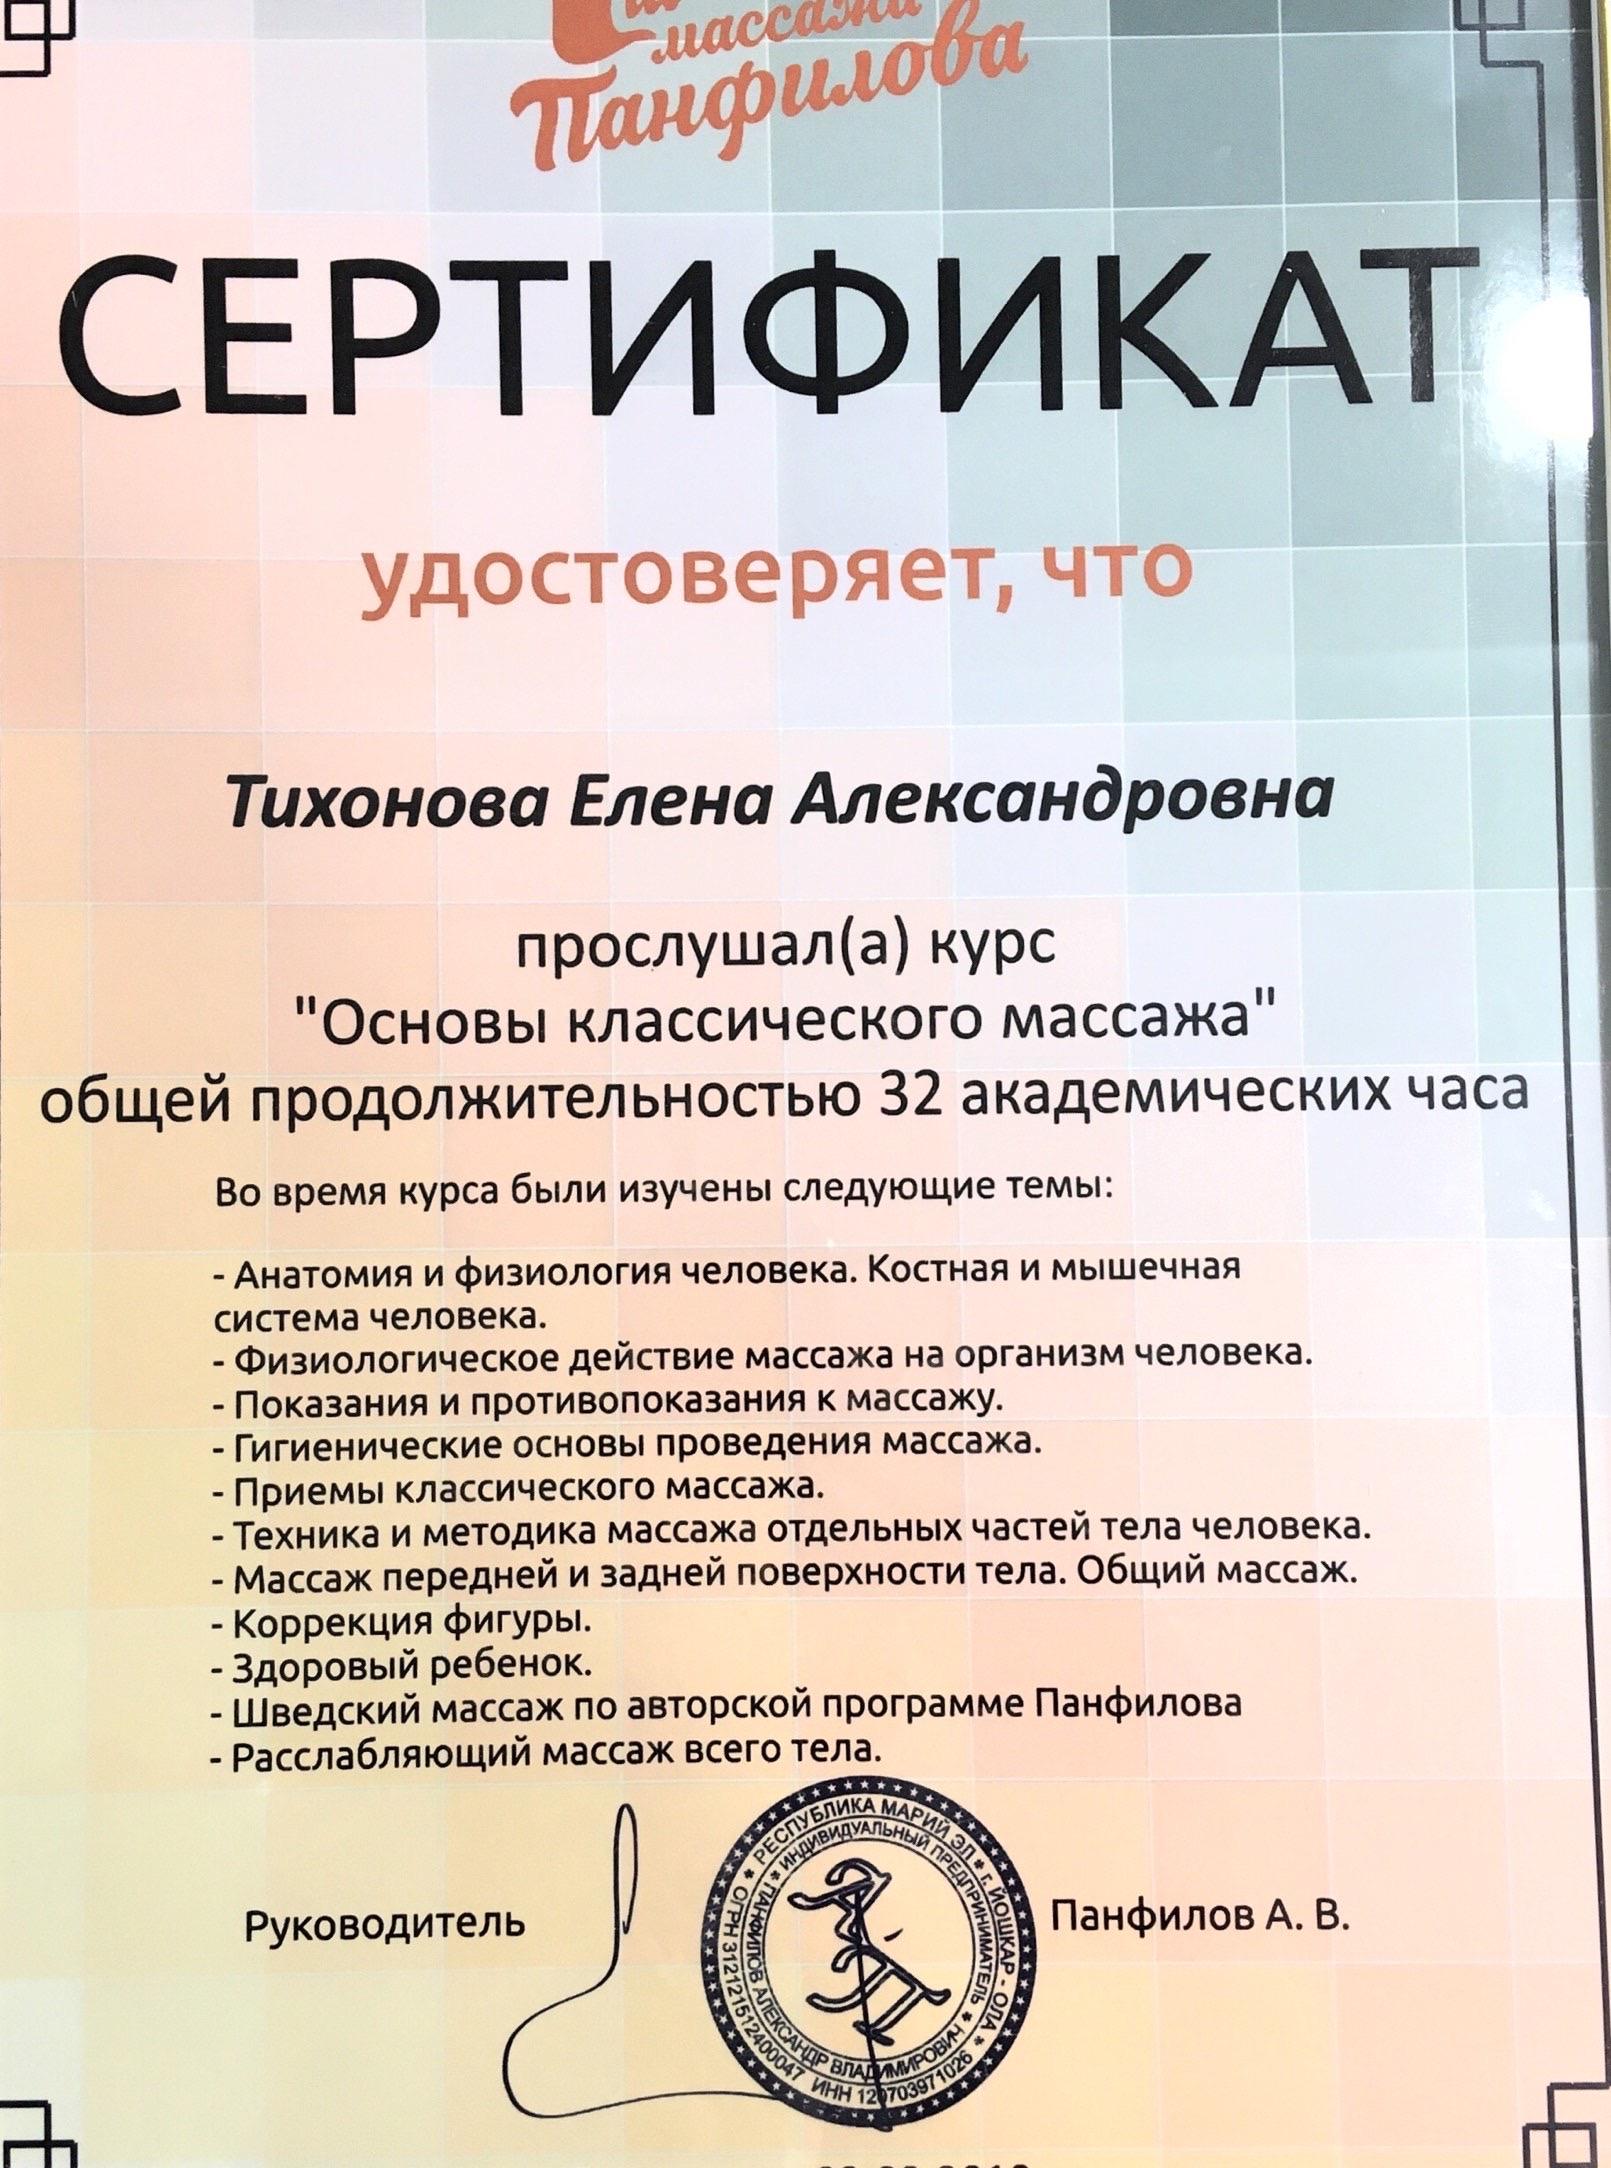 Scanbot 22 янв. 2020 г. 14.00 - 1